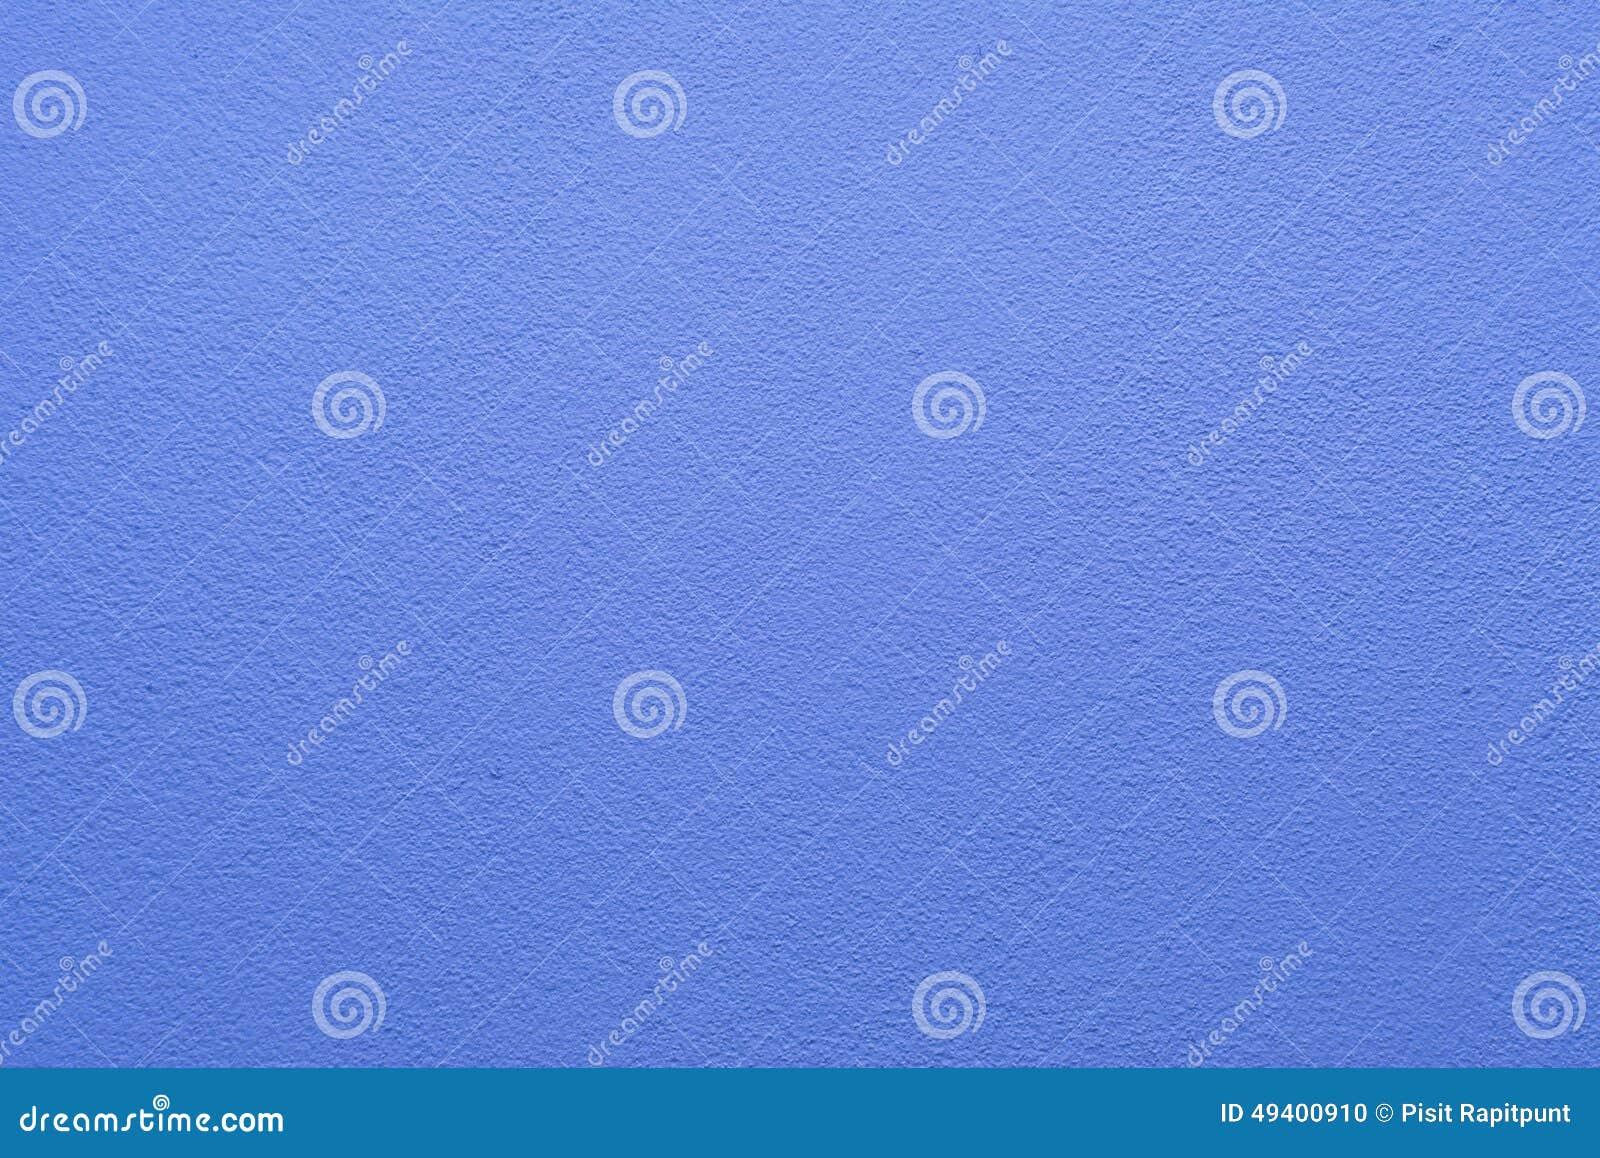 Download Zementputzwandhintergrund stockfoto. Bild von schmutz - 49400910